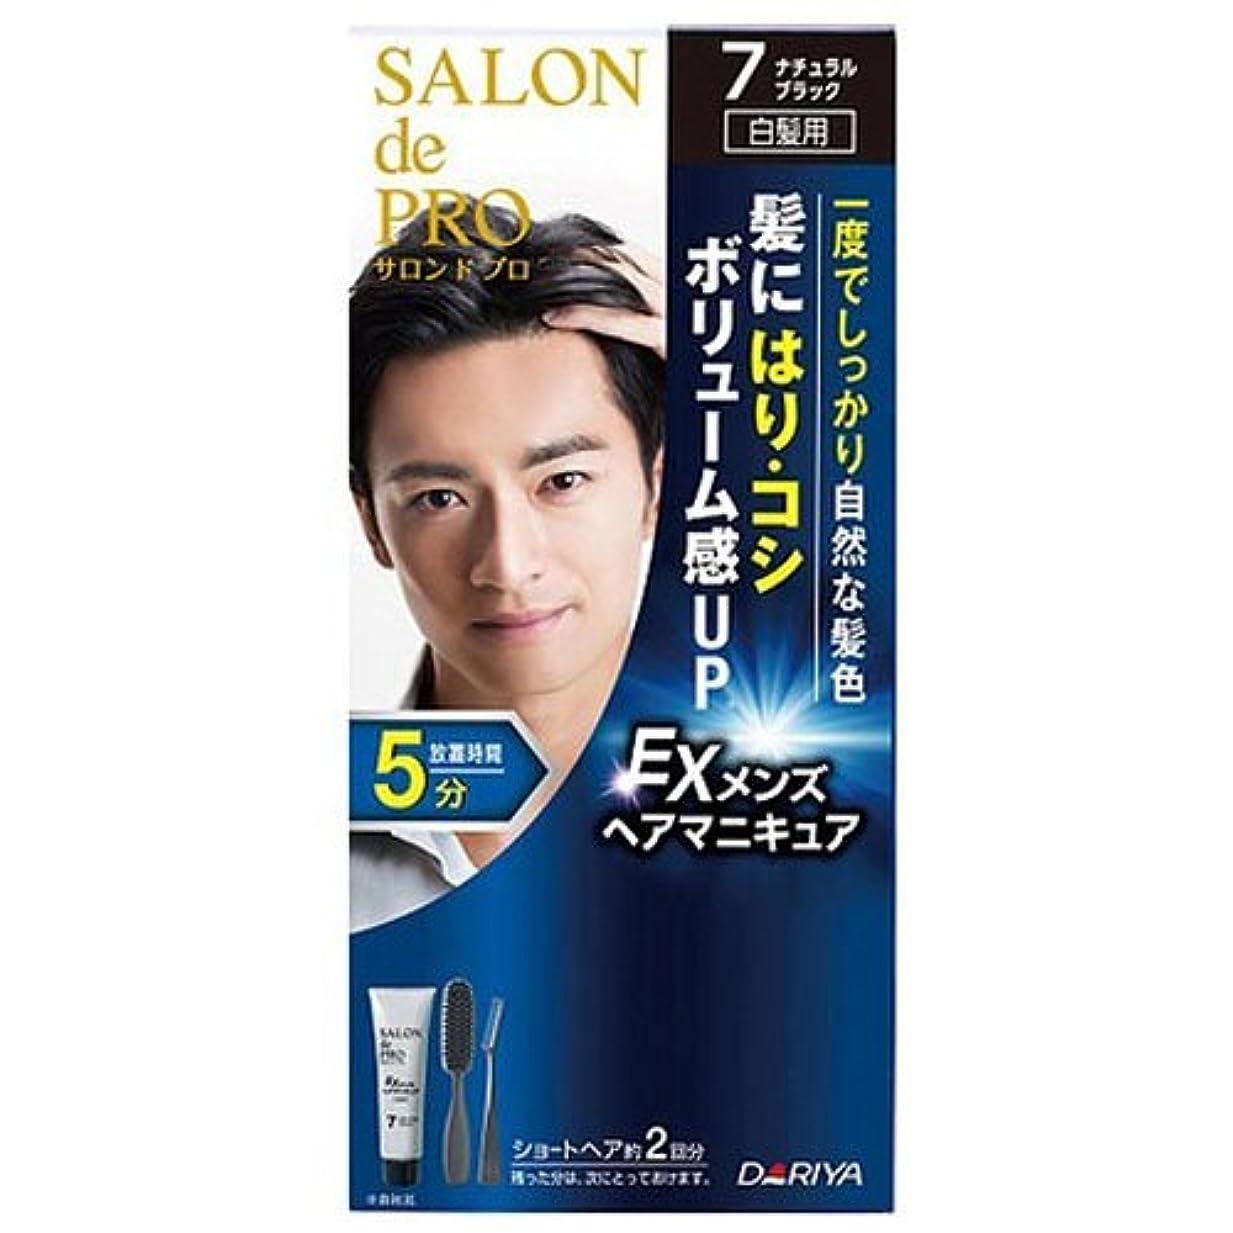 暴動スキップ第九サロンドプロ EXメンズヘアマニキュア 白髪用 7 ナチュラルブラック